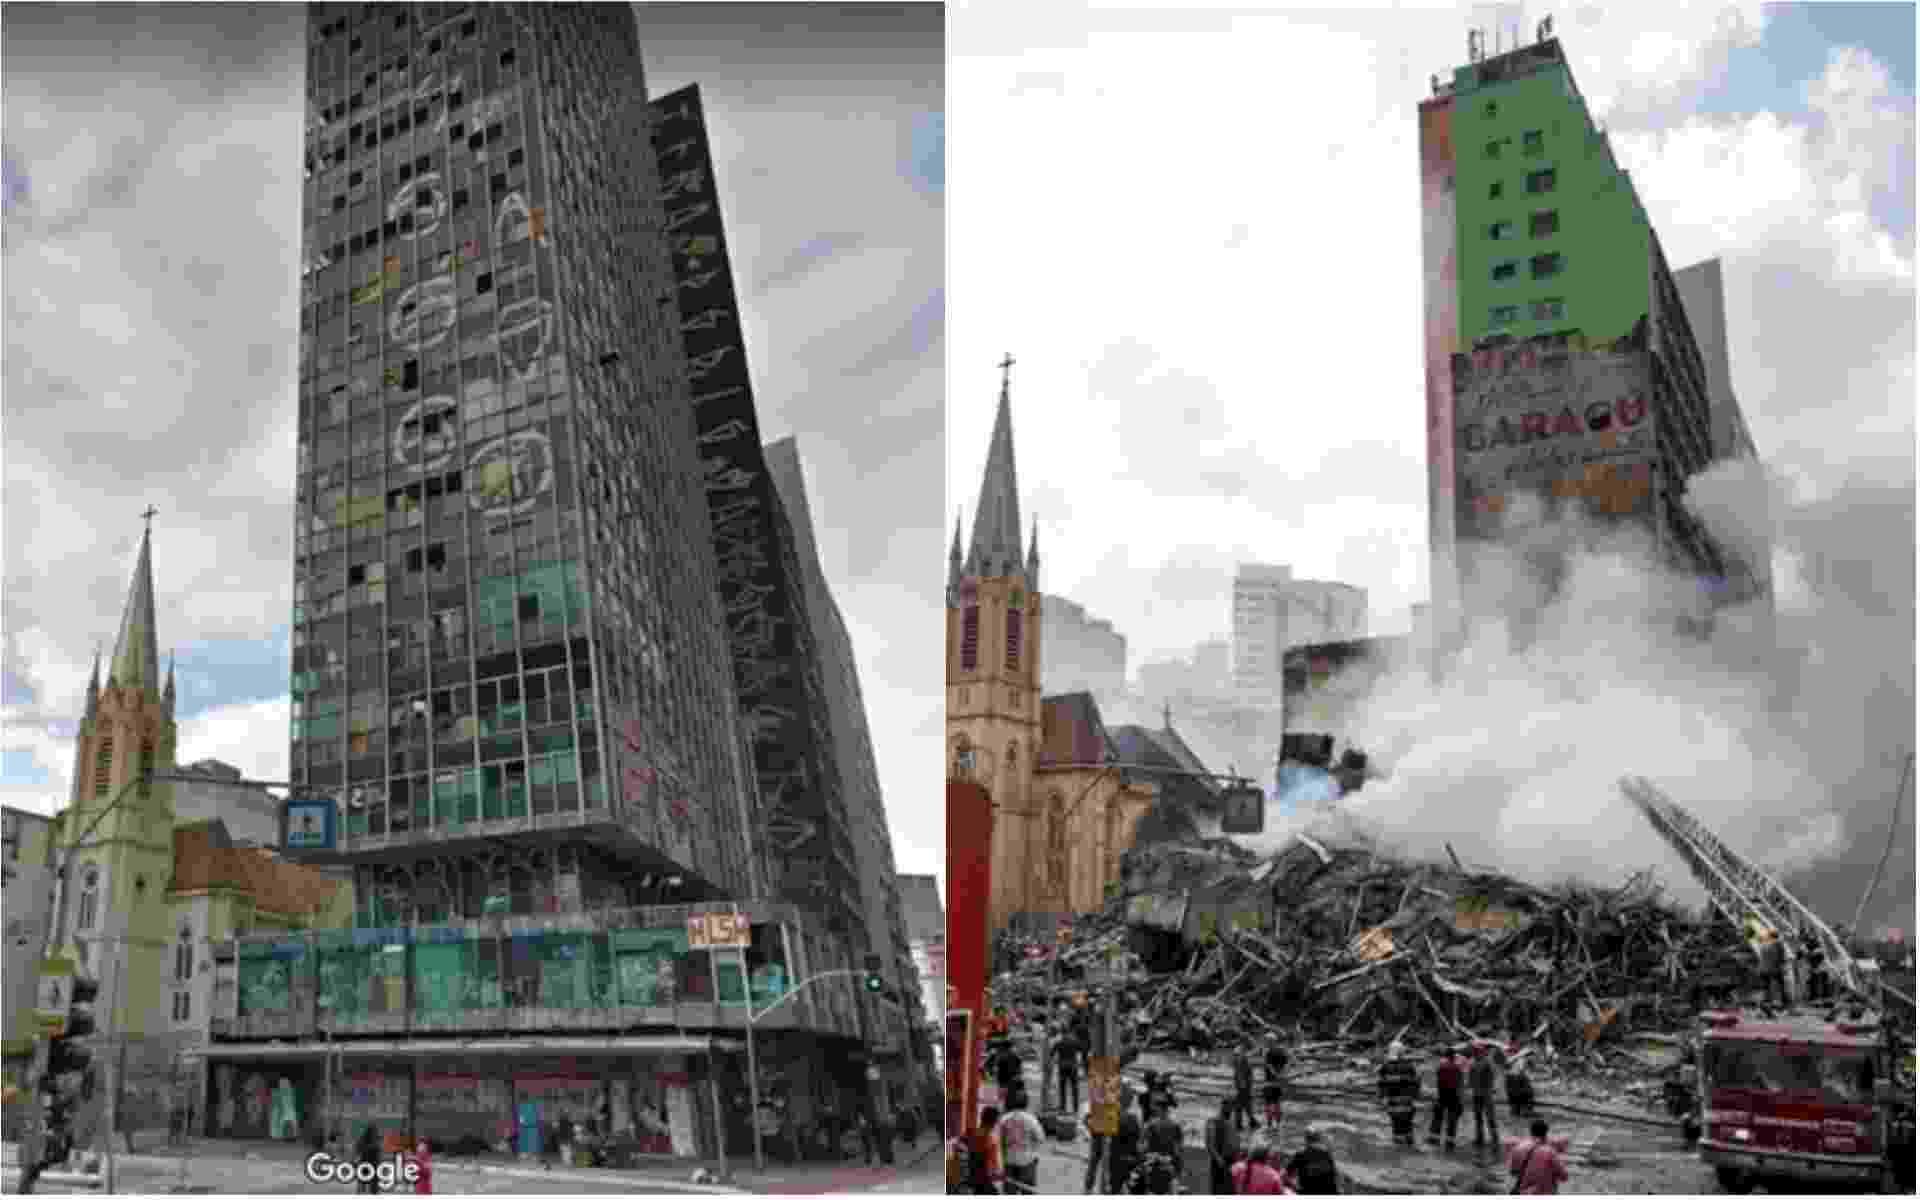 1º.mai.2018 - Imagem do Google Maps (à esq.) mostra o prédio de 24 andares situado no Largo do Paissandu, no centro de São Paulo, antes do desabamento provocado por um incêndio no imóvel. Em fotografia registrada após a tragédia (à dir.), bombeiros trabalham em busca de possíveis sobreviventes - Arte/UOL